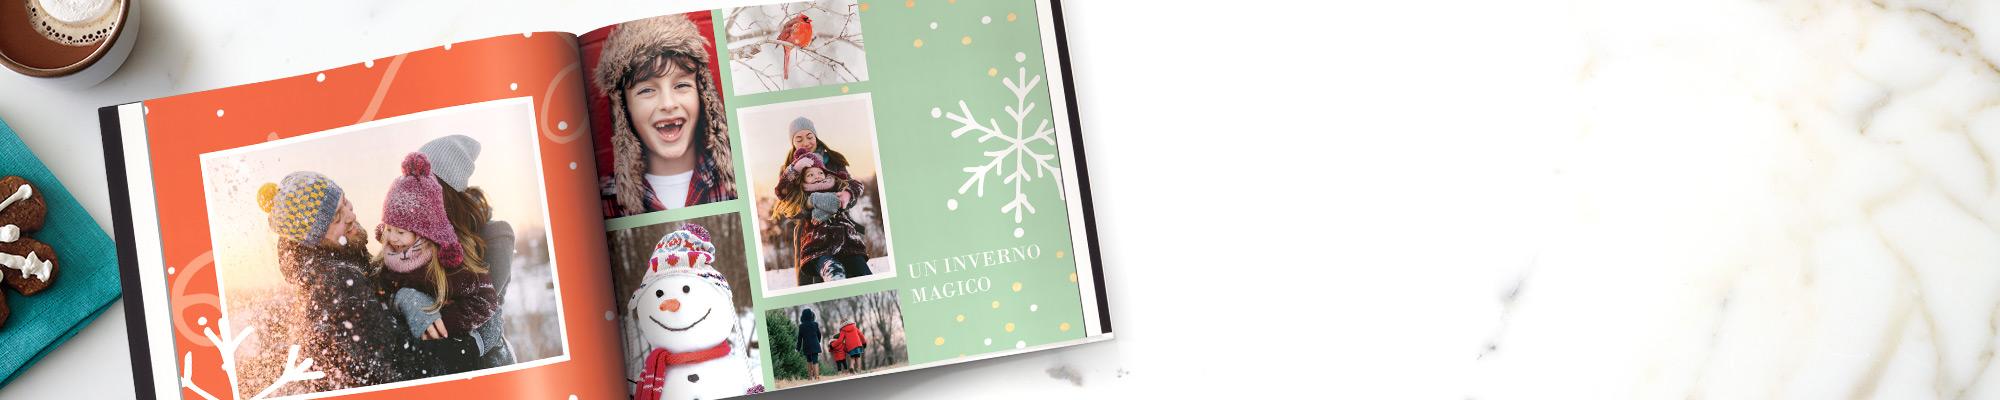 FotoLibri Racconta la tua storia...conserva per sempre i tuoi ricordi speciali in un bellissimo fotolibro.